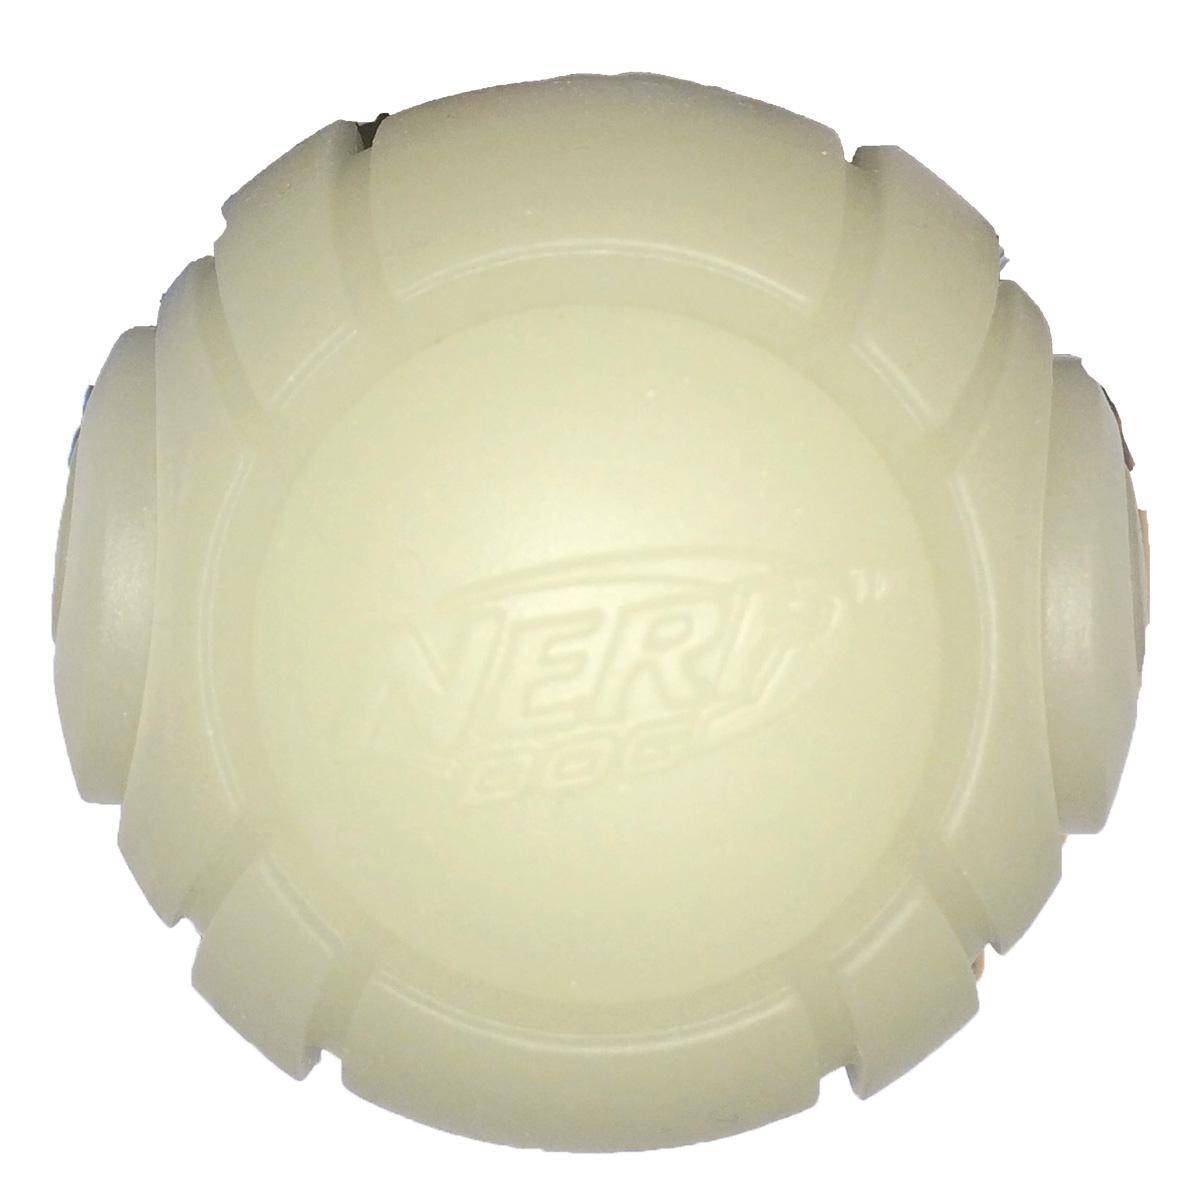 Игрушка для собак Nerf Мяч теннисный для бластера, диаметр 6 см. 3073130731Игрушка для собак Nerf Мяч теннисный для бластера, изготовленный из прочной долговечной резины, не позволит скучать вашему питомцу и дома, и на улице. Изделие великолепно подходит для игры и массажа десен вашего питомца. Диаметр мяча: 6 см.